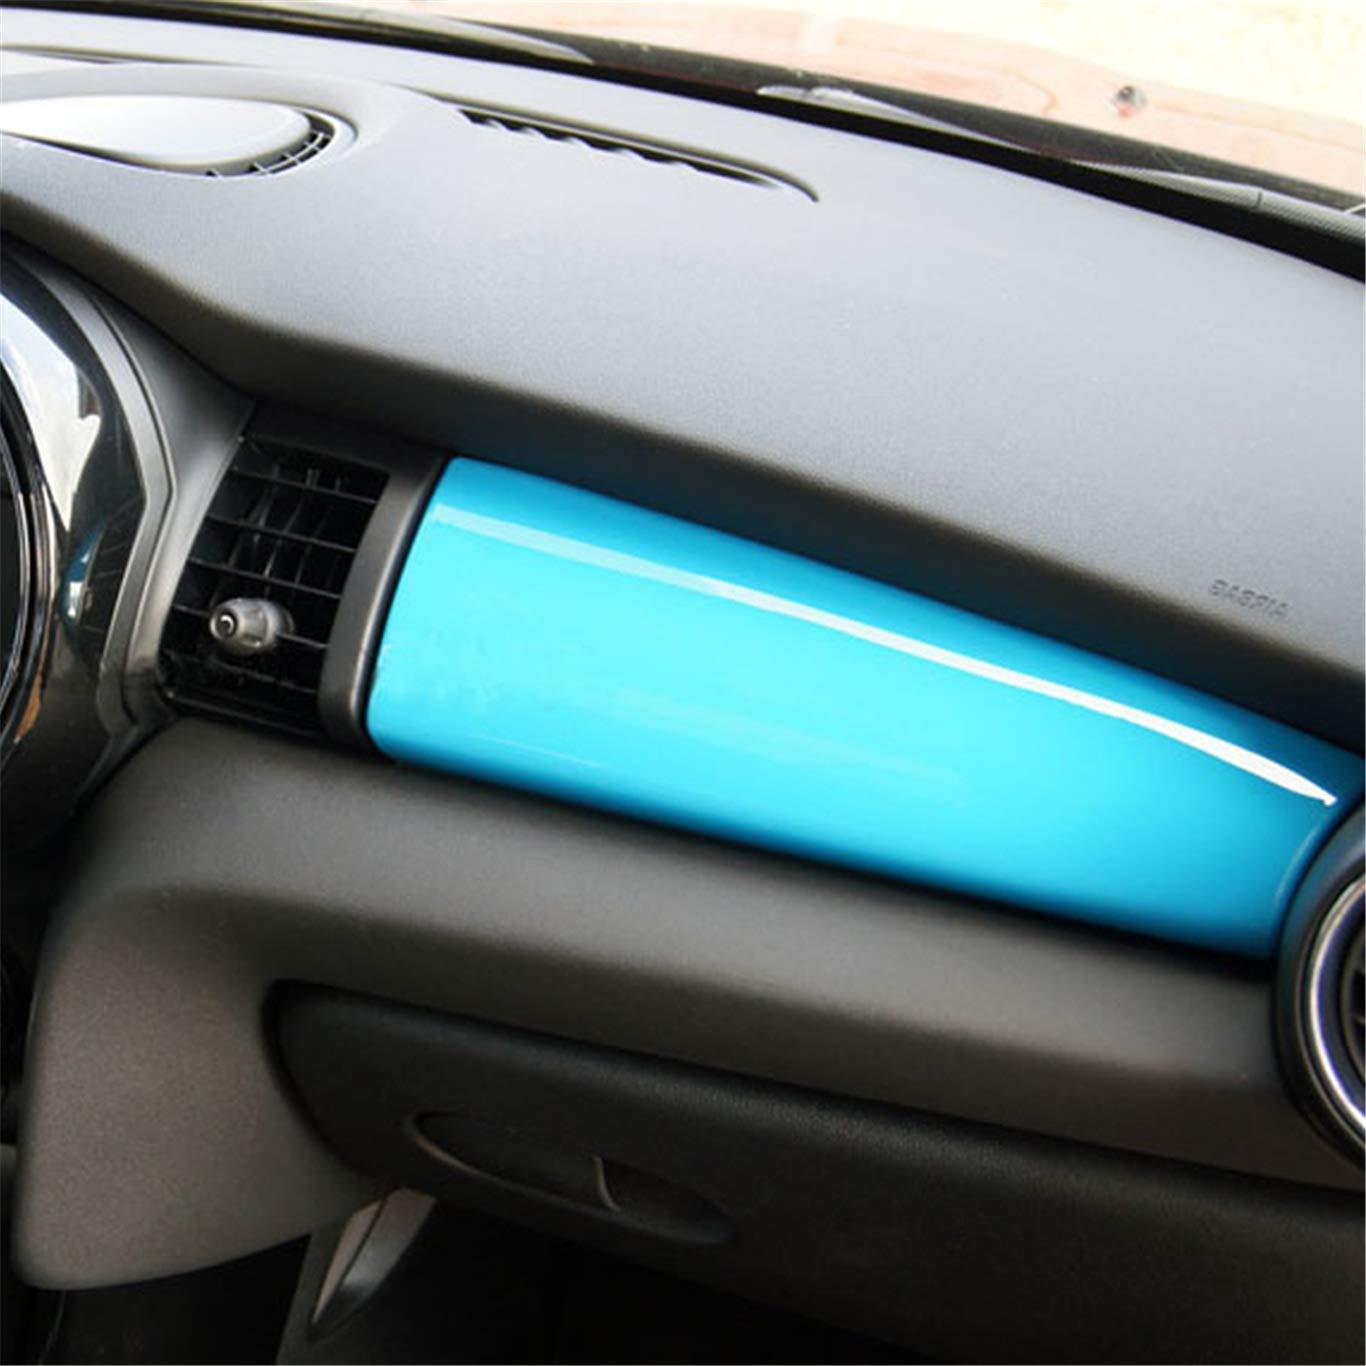 HDX Pannello di Controllo del cruscotto in ABS per Mini Cooper F55 Hardtop F56 Hatchback R60 Countryman R56 Hatchback